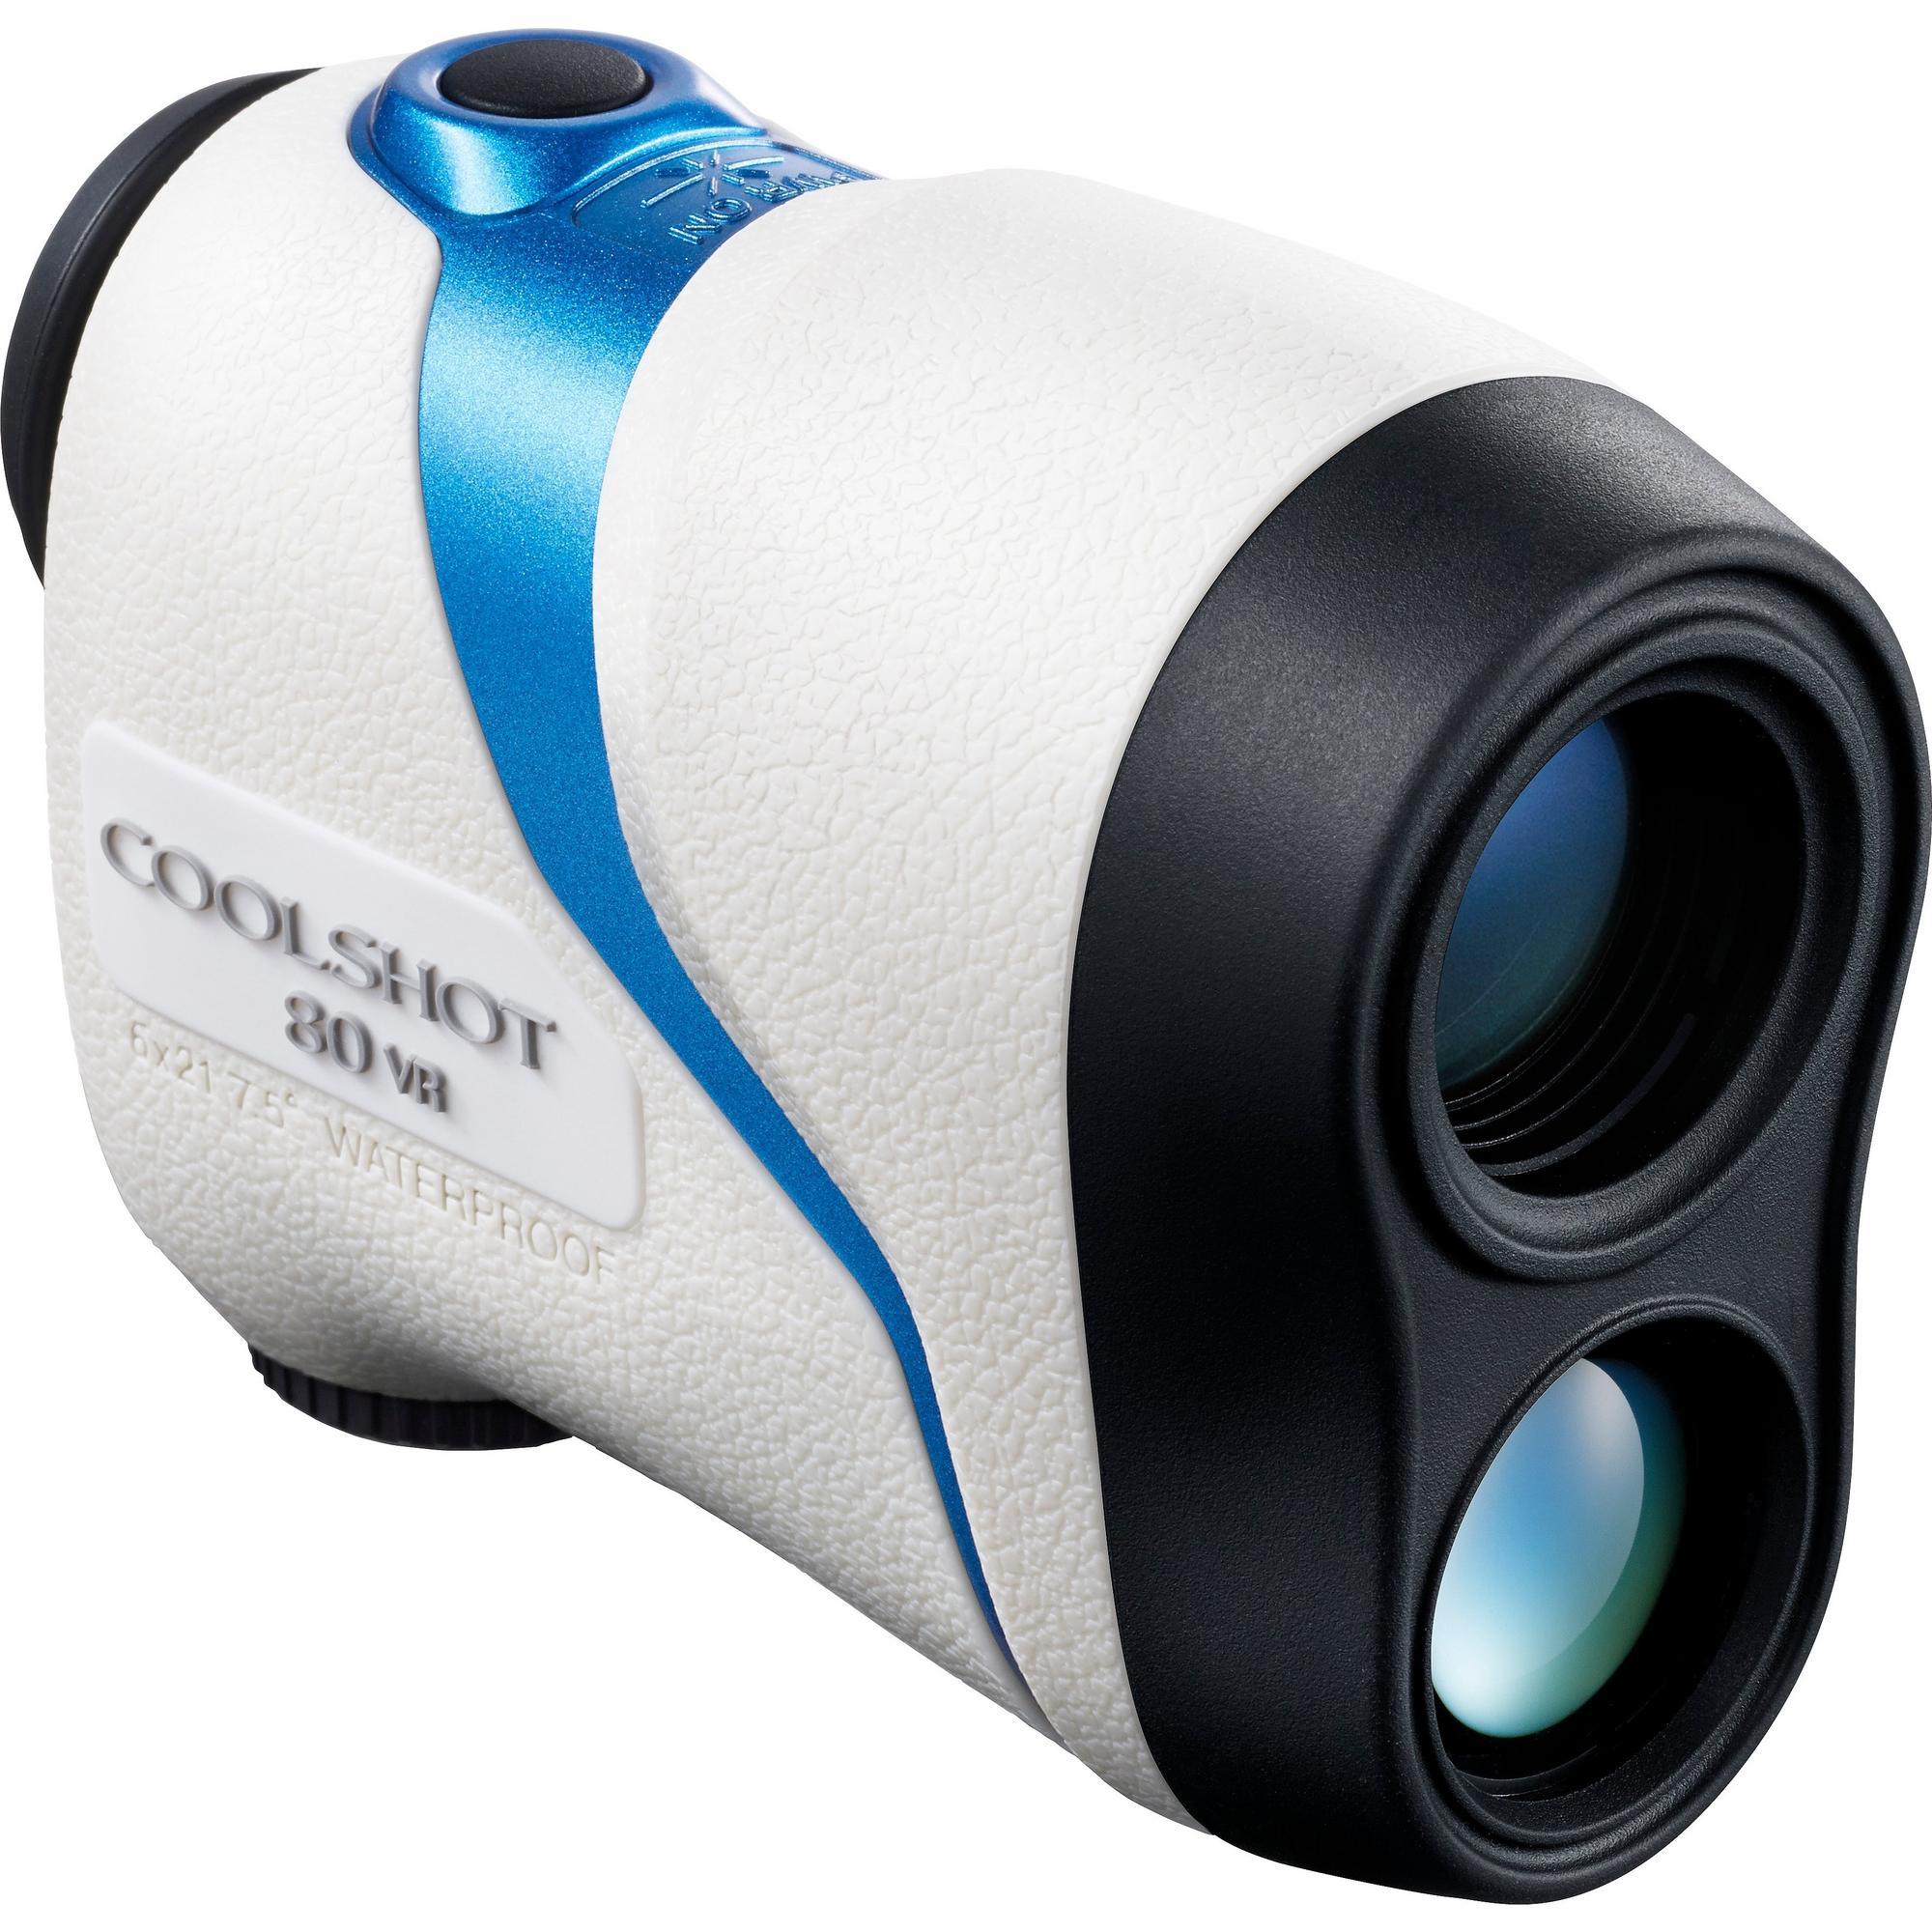 Coolshot 80 VR Rangefinder